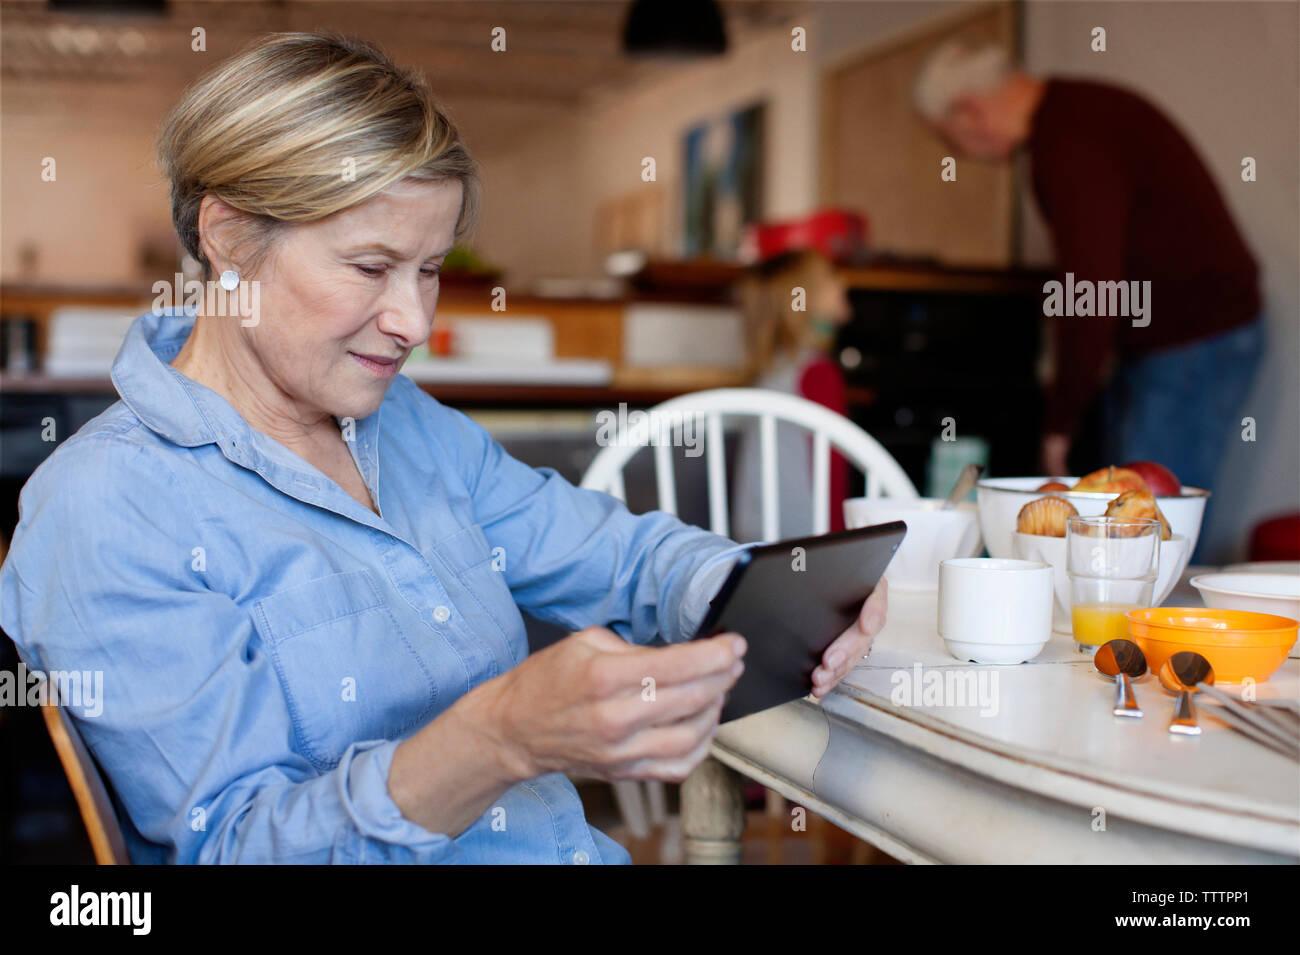 Woman using tablet computer tandis que mari debout avec sa petite-fille dans différentes Photo Stock